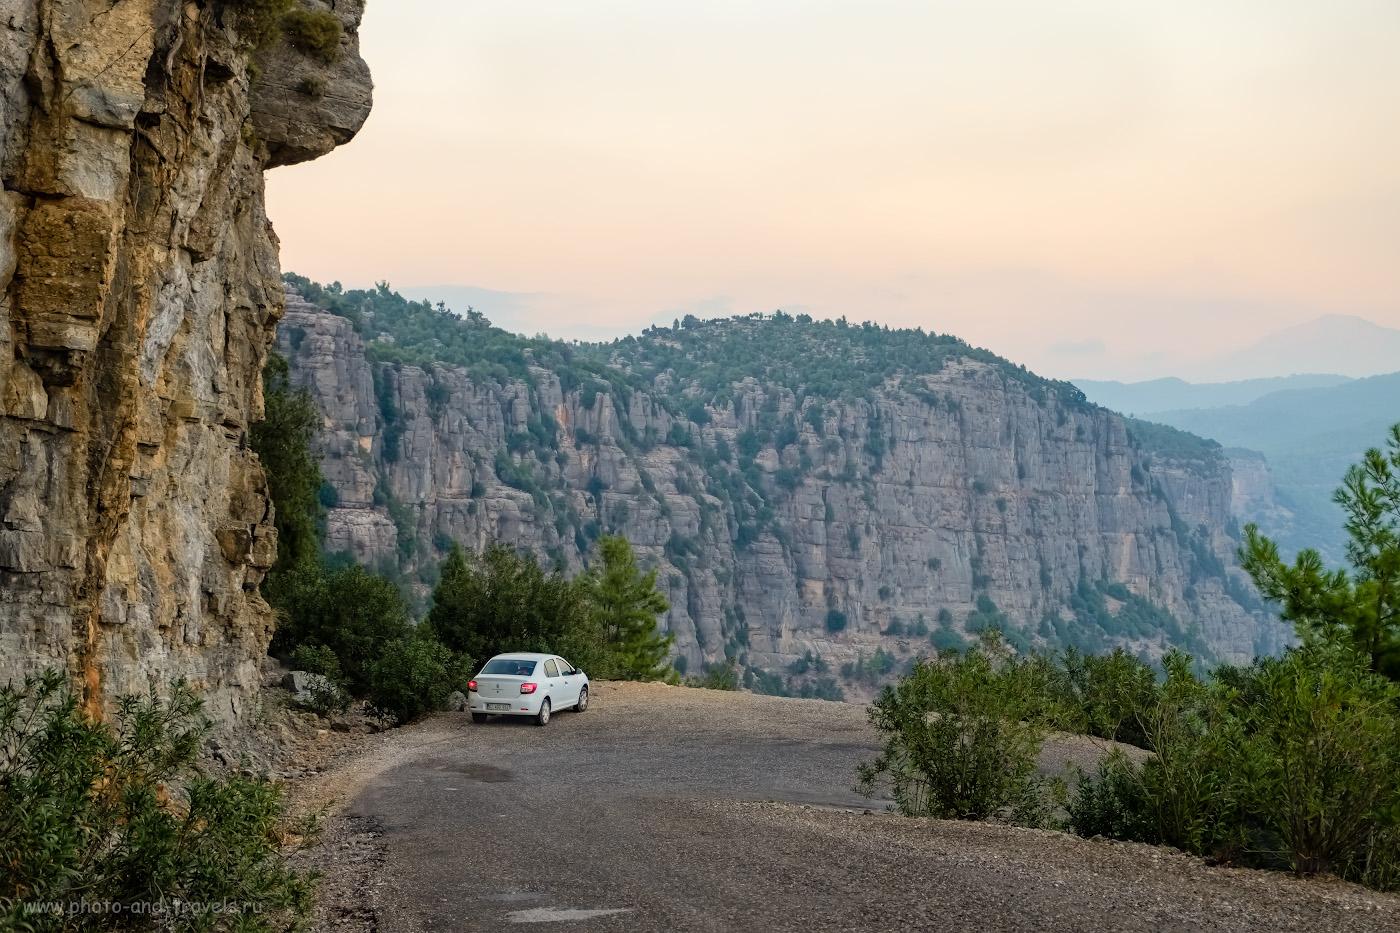 Фотография 16. Дорога от моста Олук (Oluk Köprü) в каньоне Кёпрюлю (Köprülü Kanyon) до руин Сельге (Selge) и деревни Алтынкая (Altınkaya) – одна из самых красивых в Анталии. Вид на устье каньона Тазы (Tazı Kanyonu). 1/170, 2.8, 320, -0.33, 34.